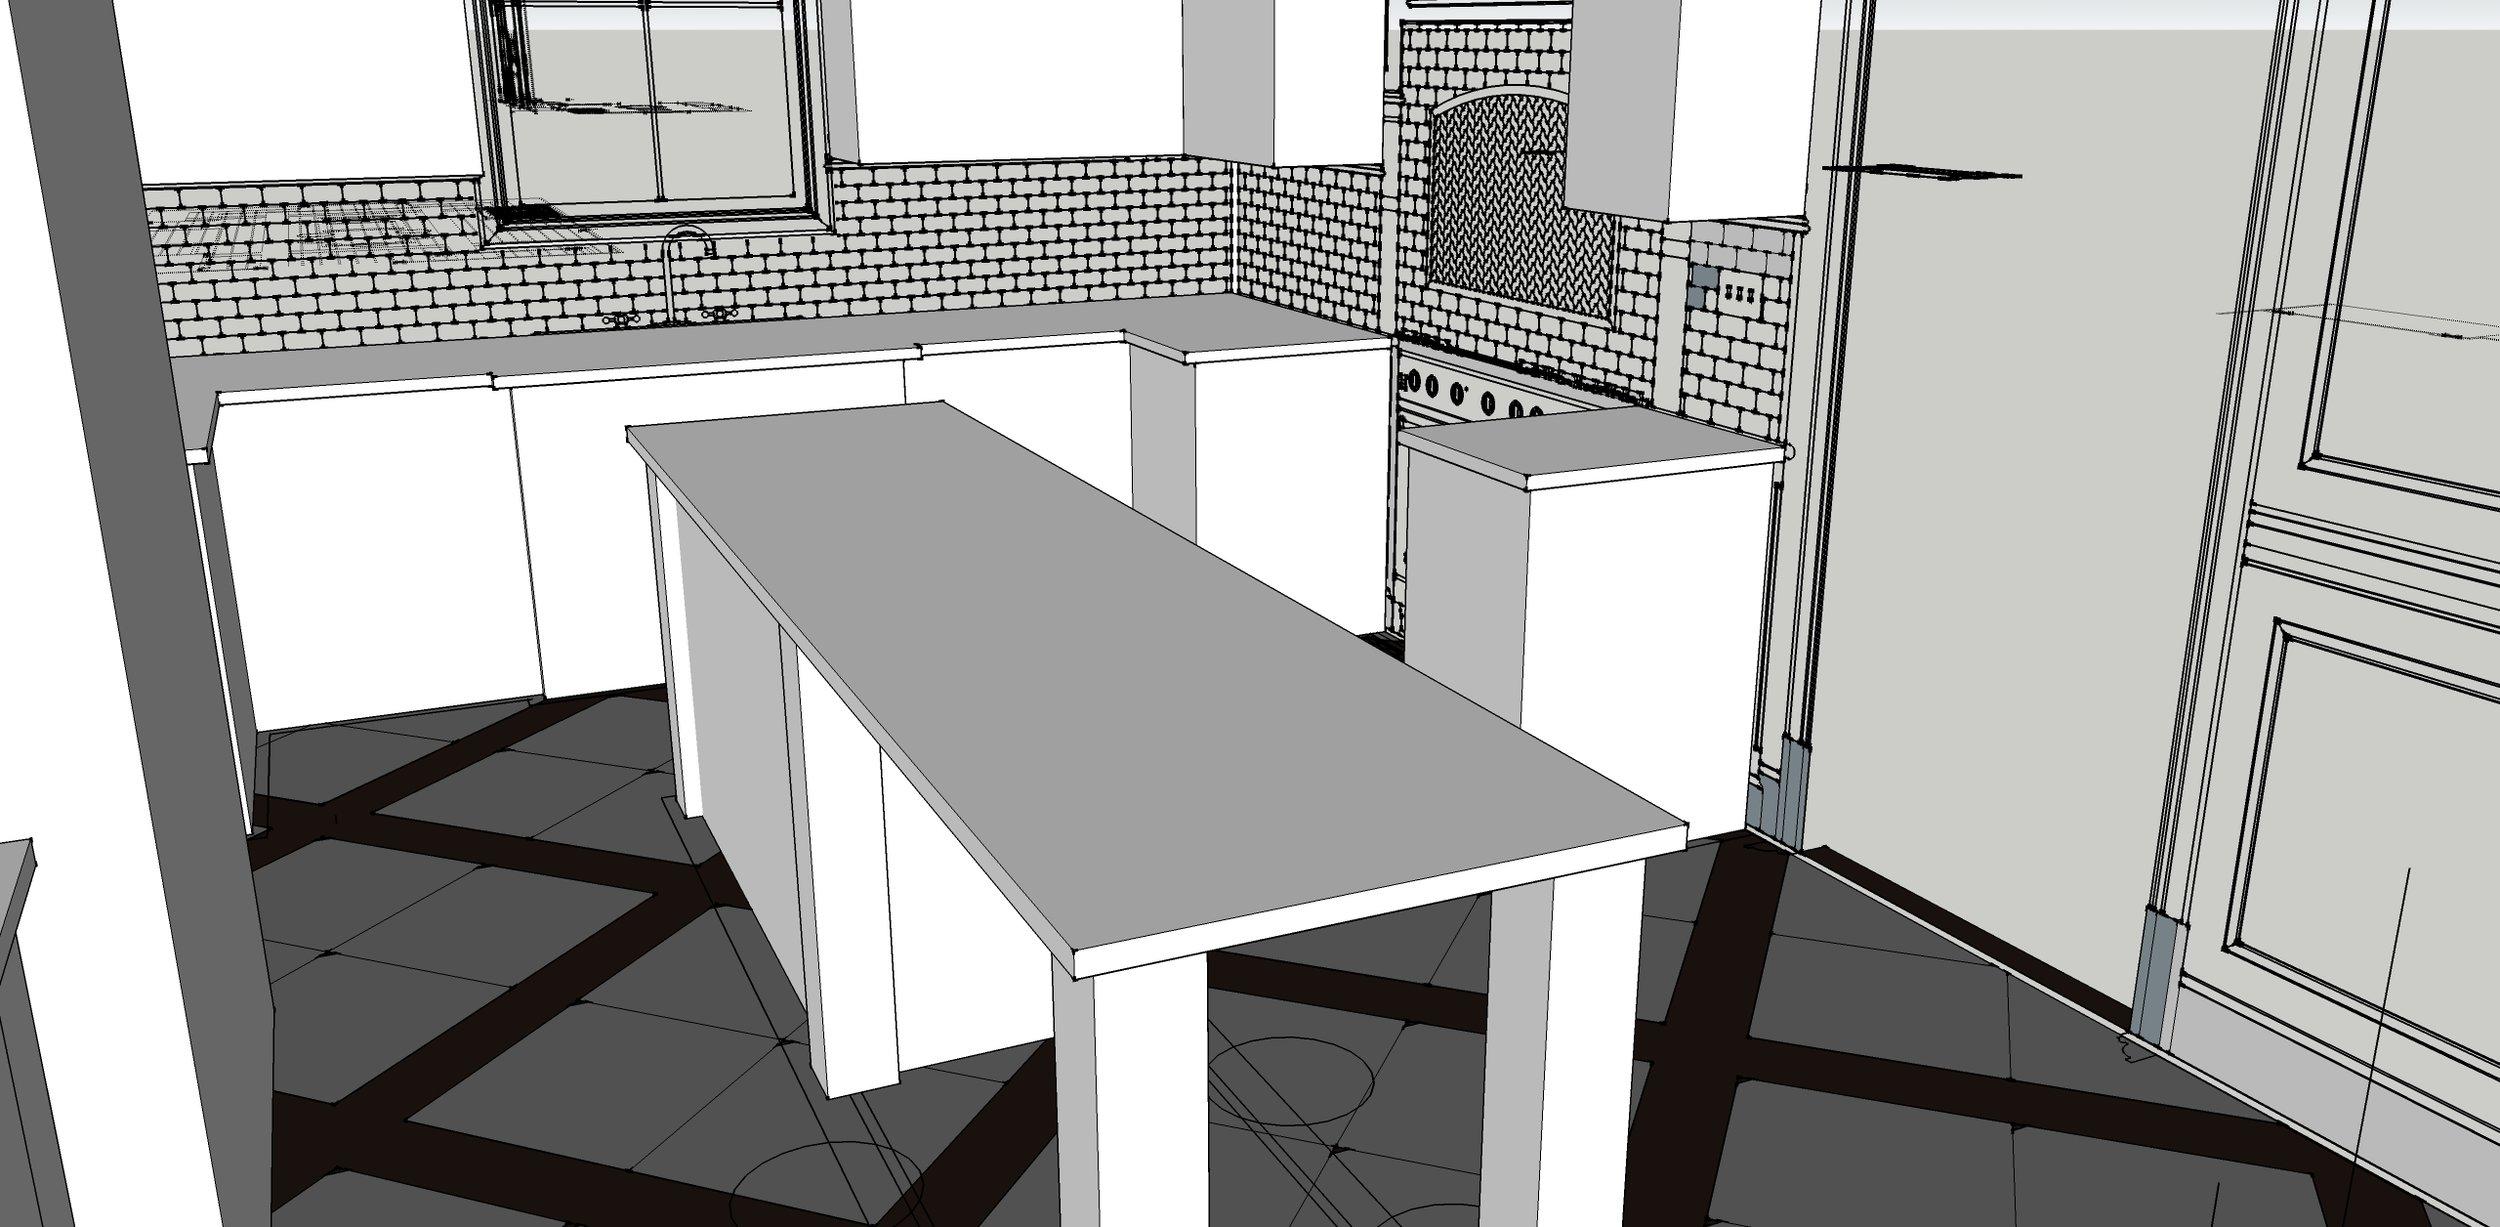 Davis_Kitchen_Perspective3 2.jpg